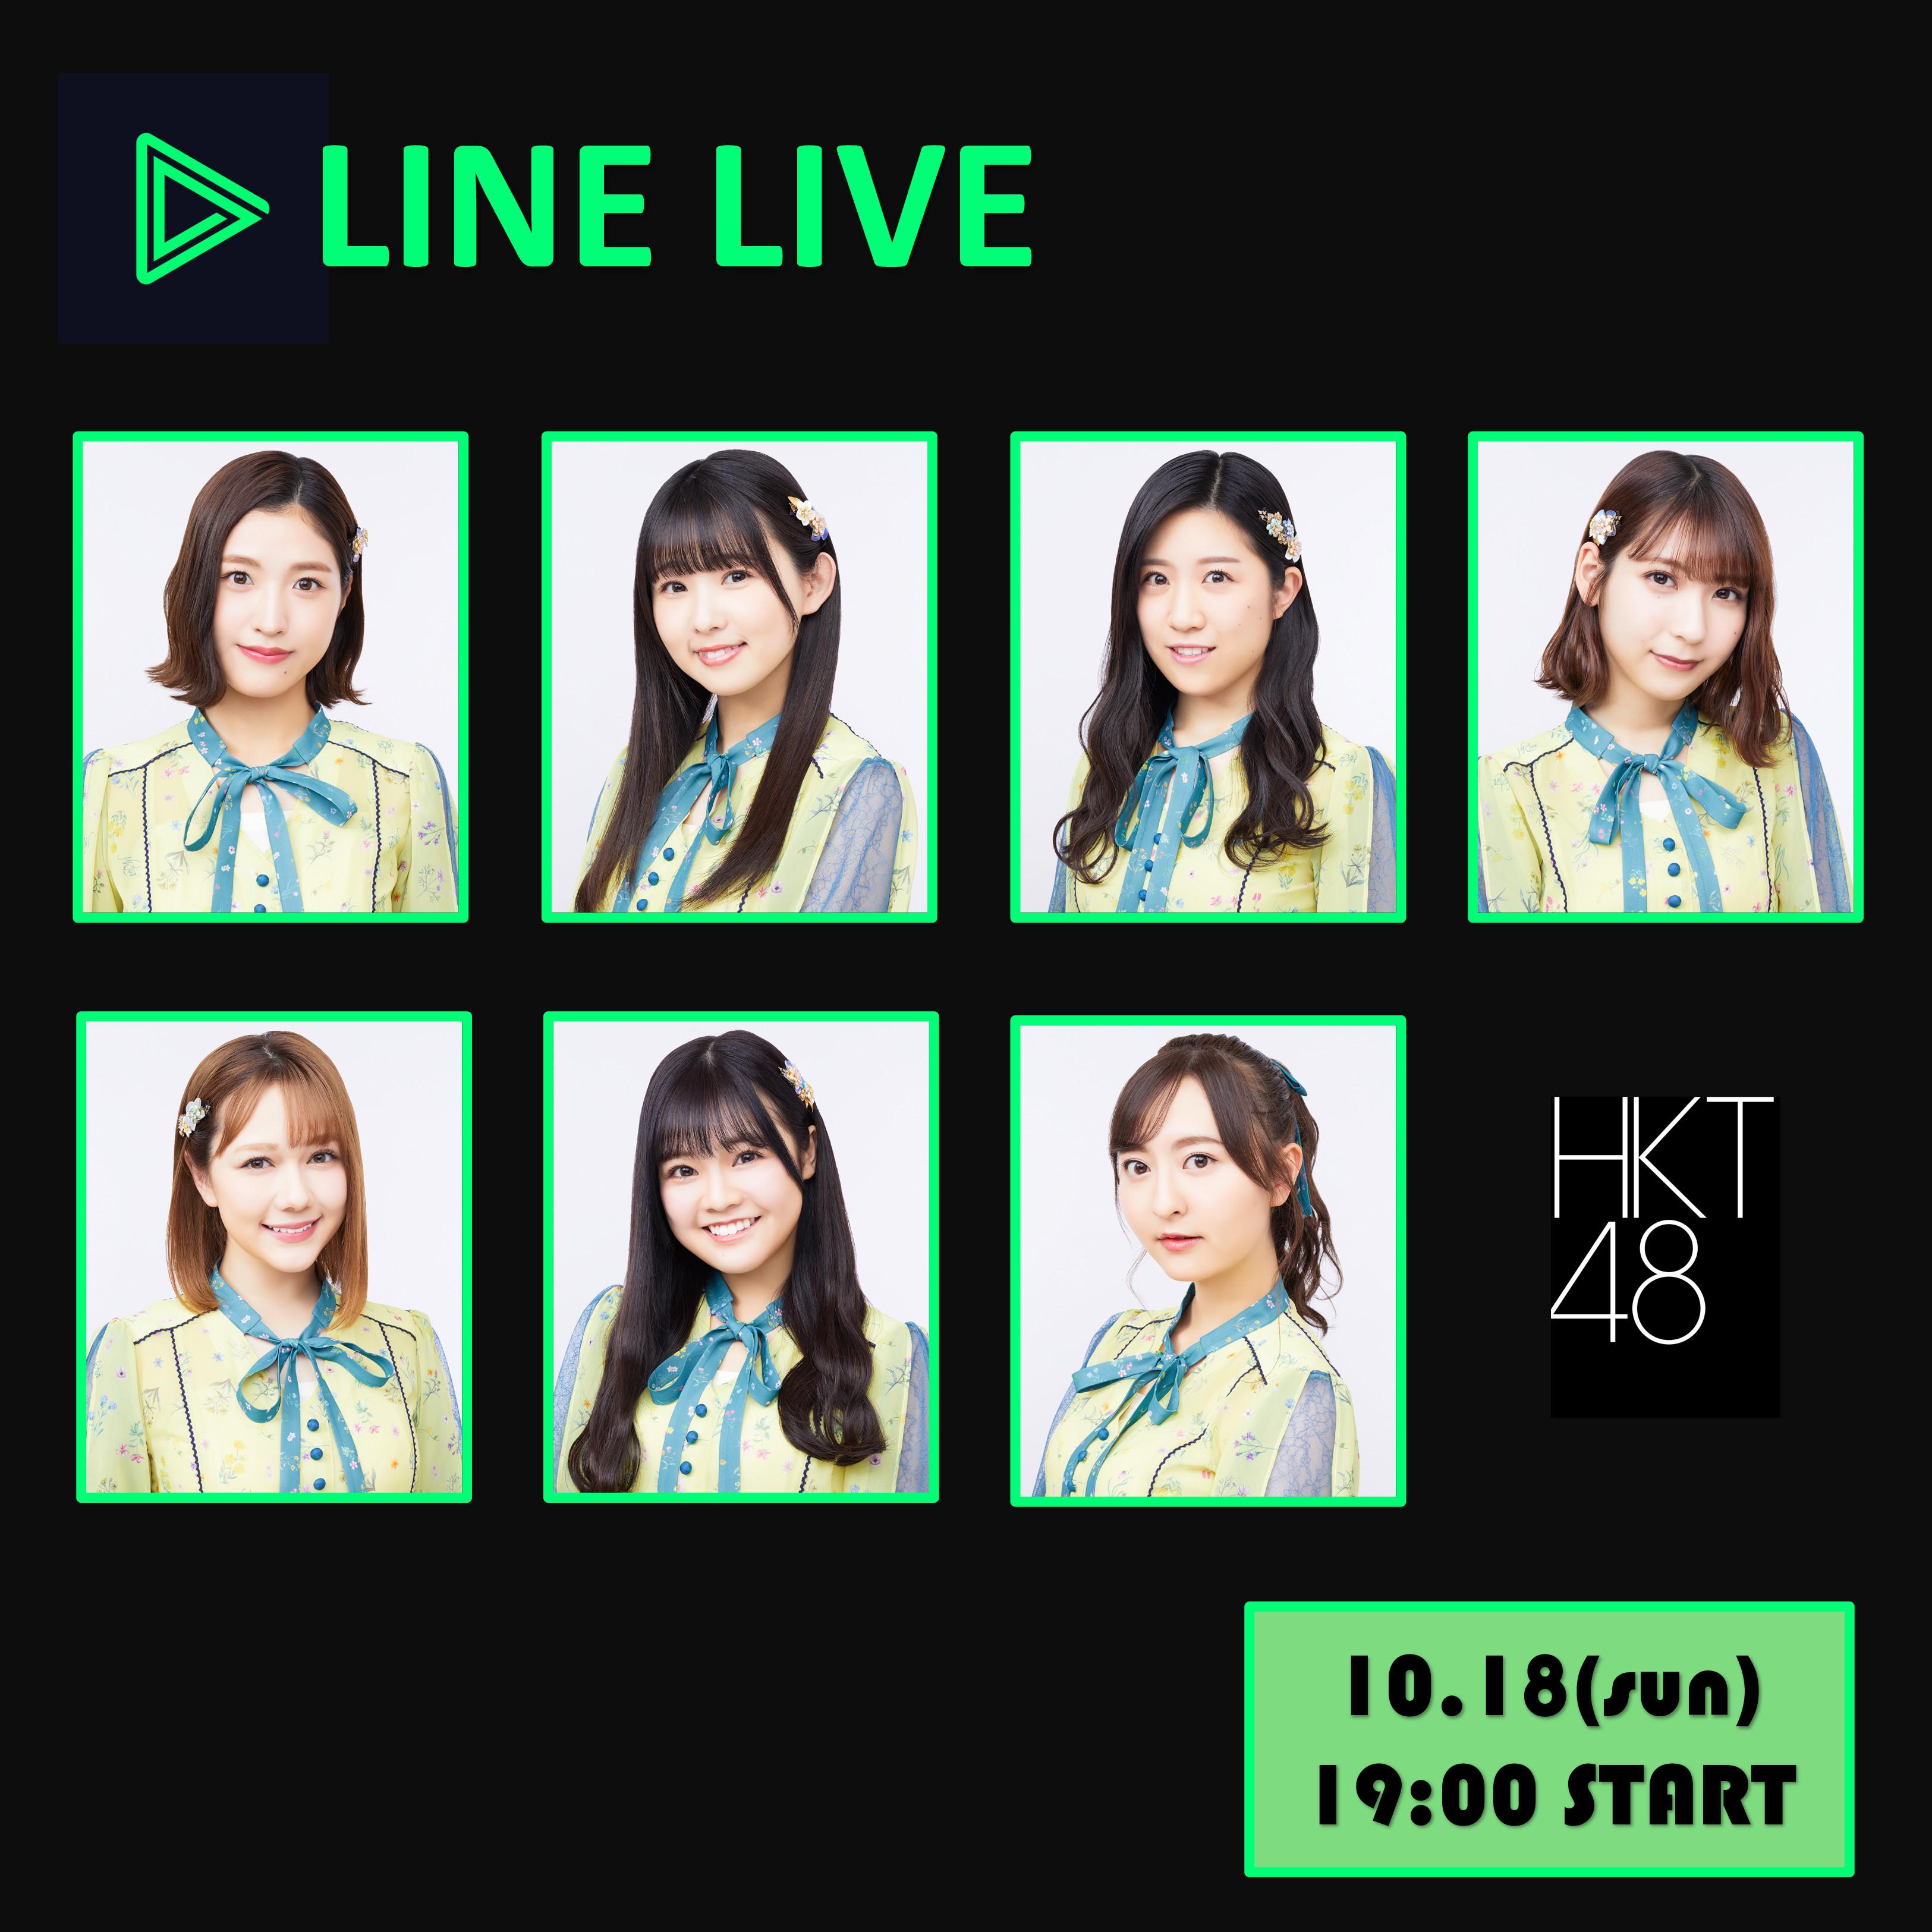 HKT48 LINELIVE緊急生配信!! 動画 2020年10月18日 201018